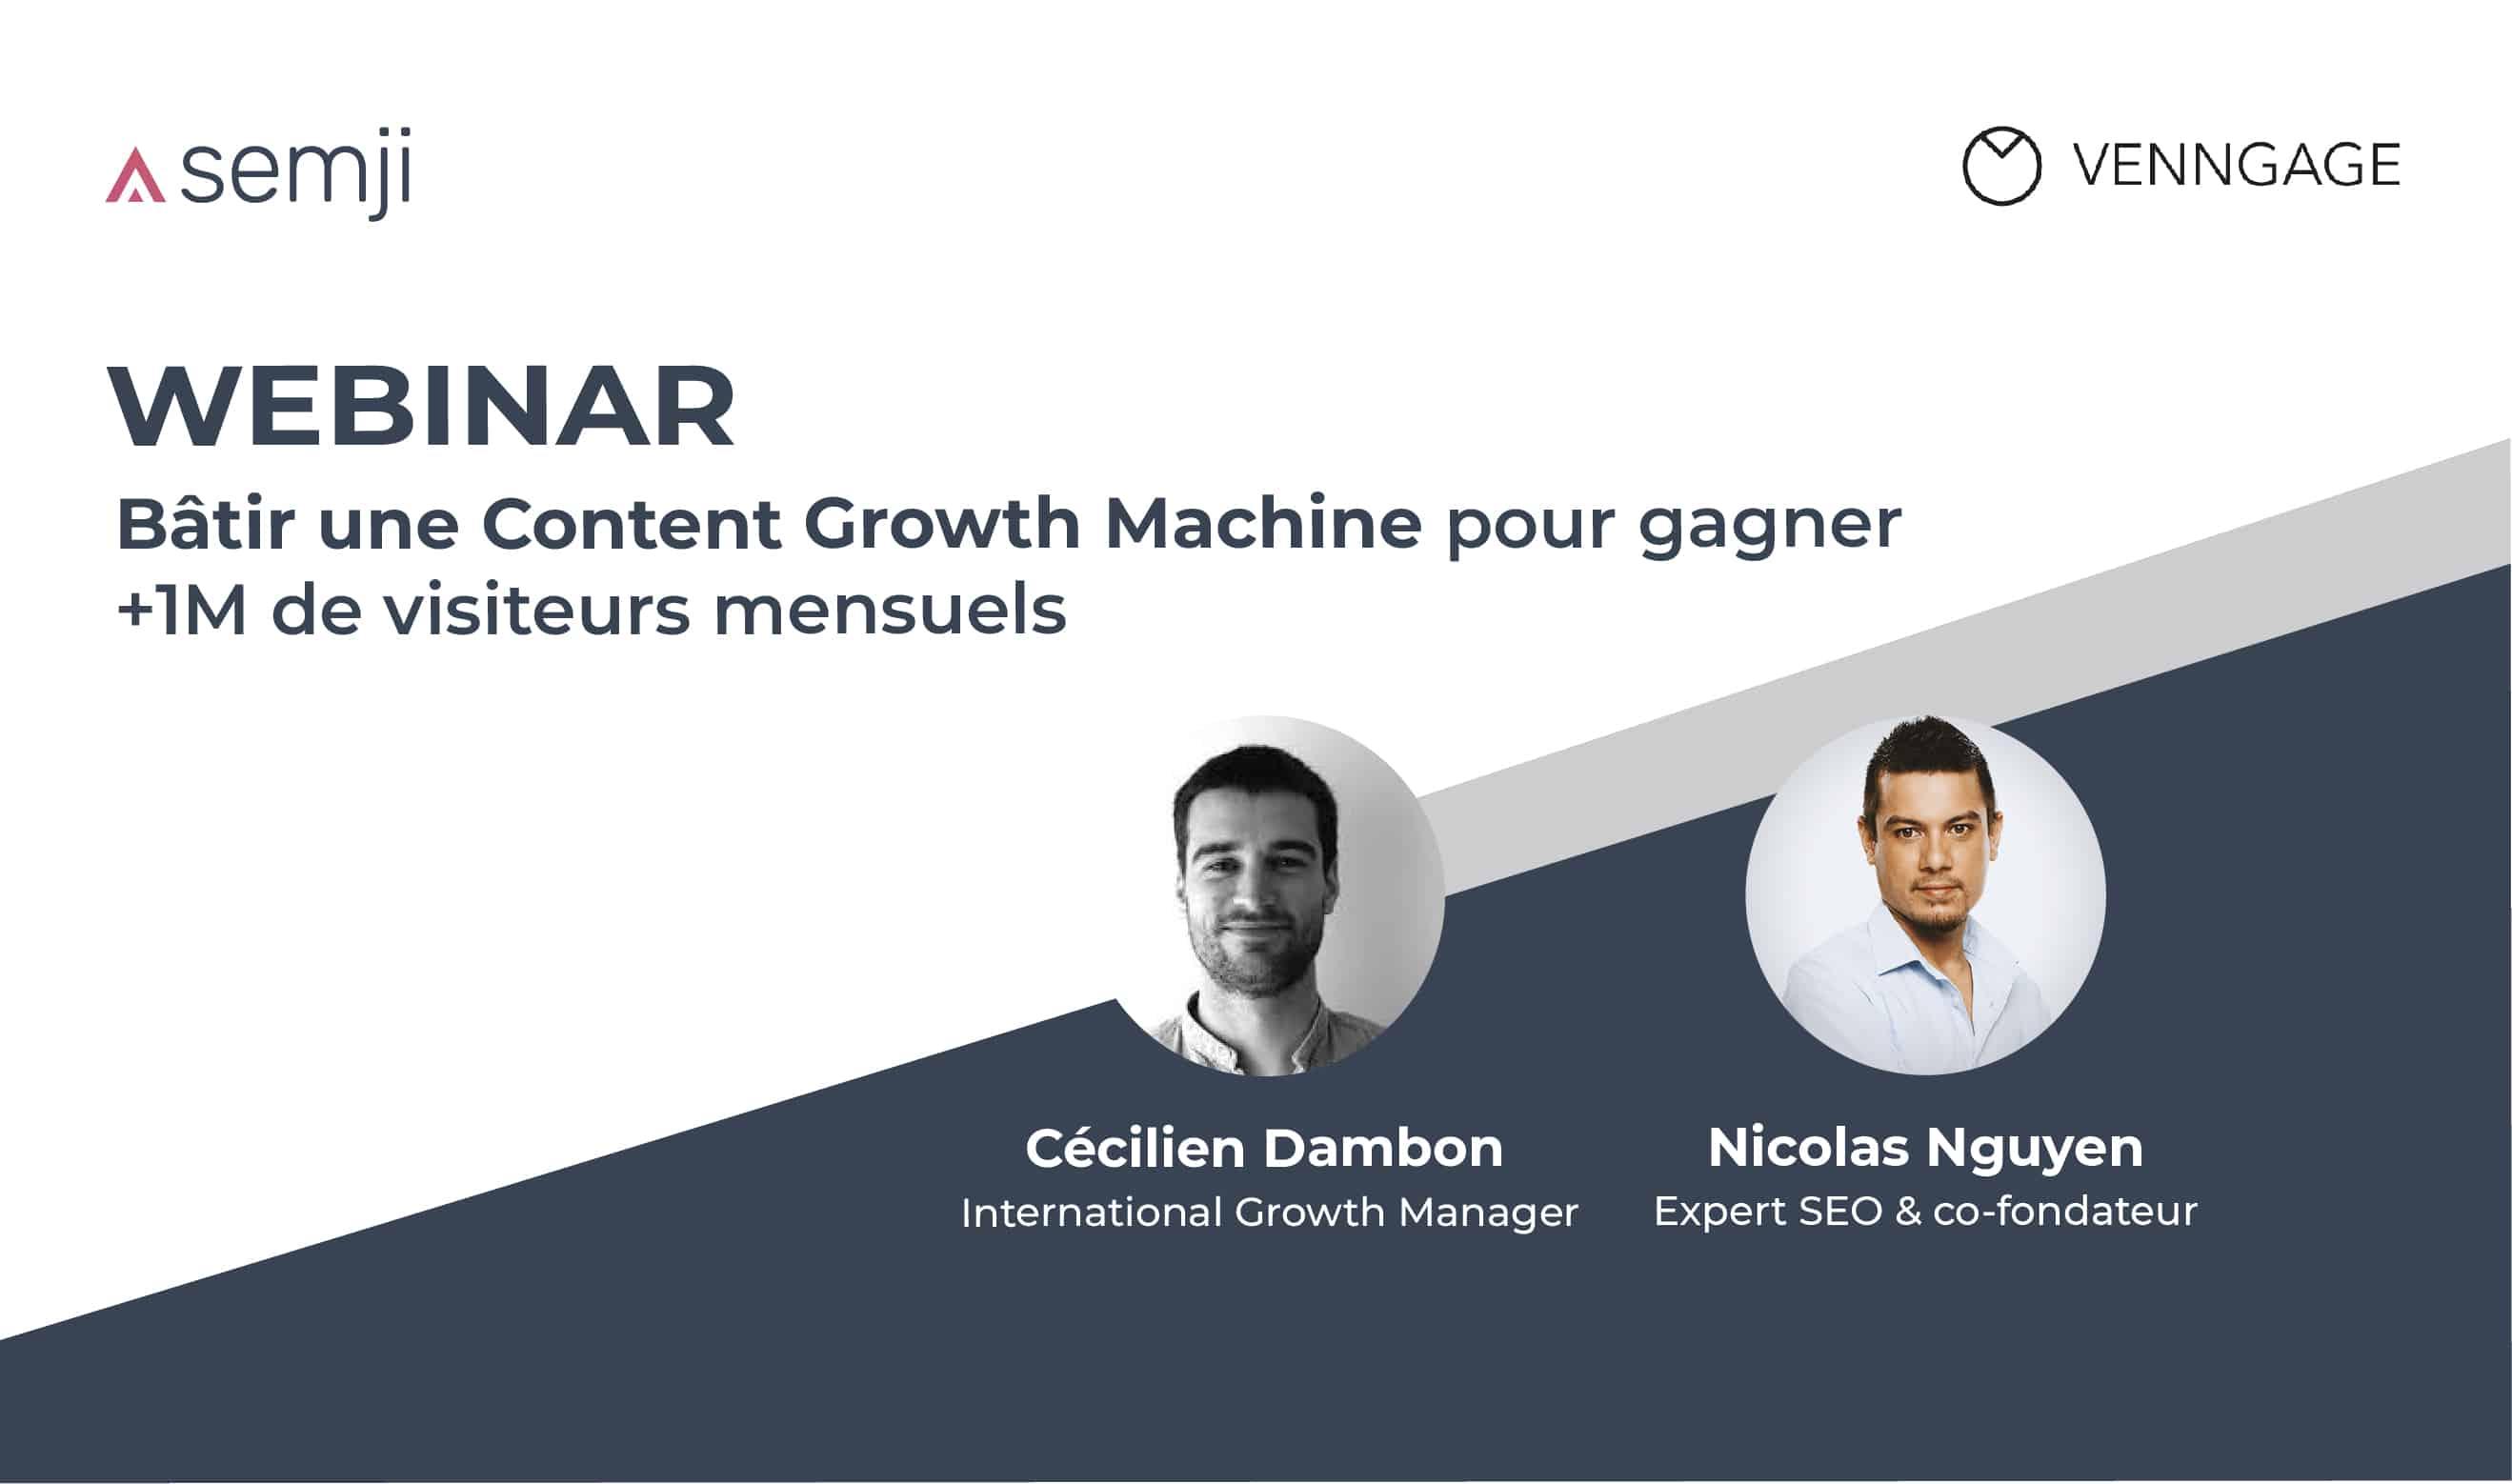 Webinar – Bâtir une Content Growth Machine pour gagner +1M de visiteurs mensuels